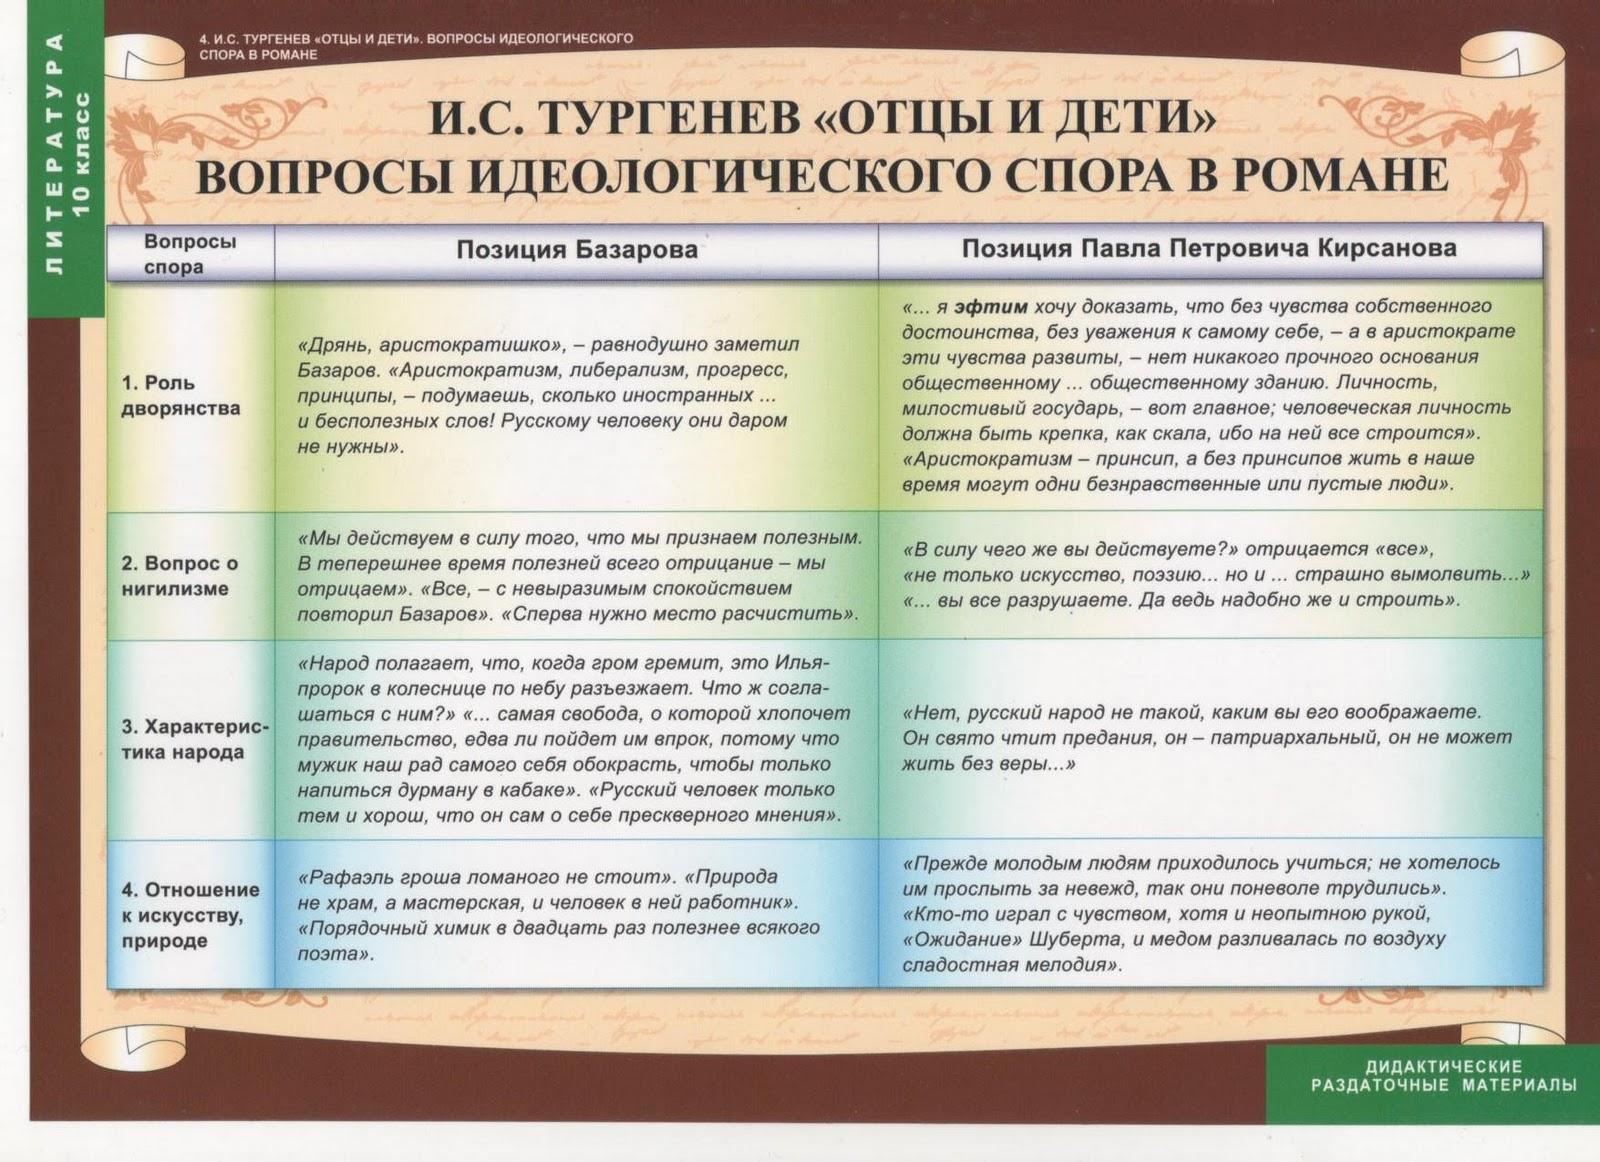 Николай петрович кирсанов характеристика с цитатами